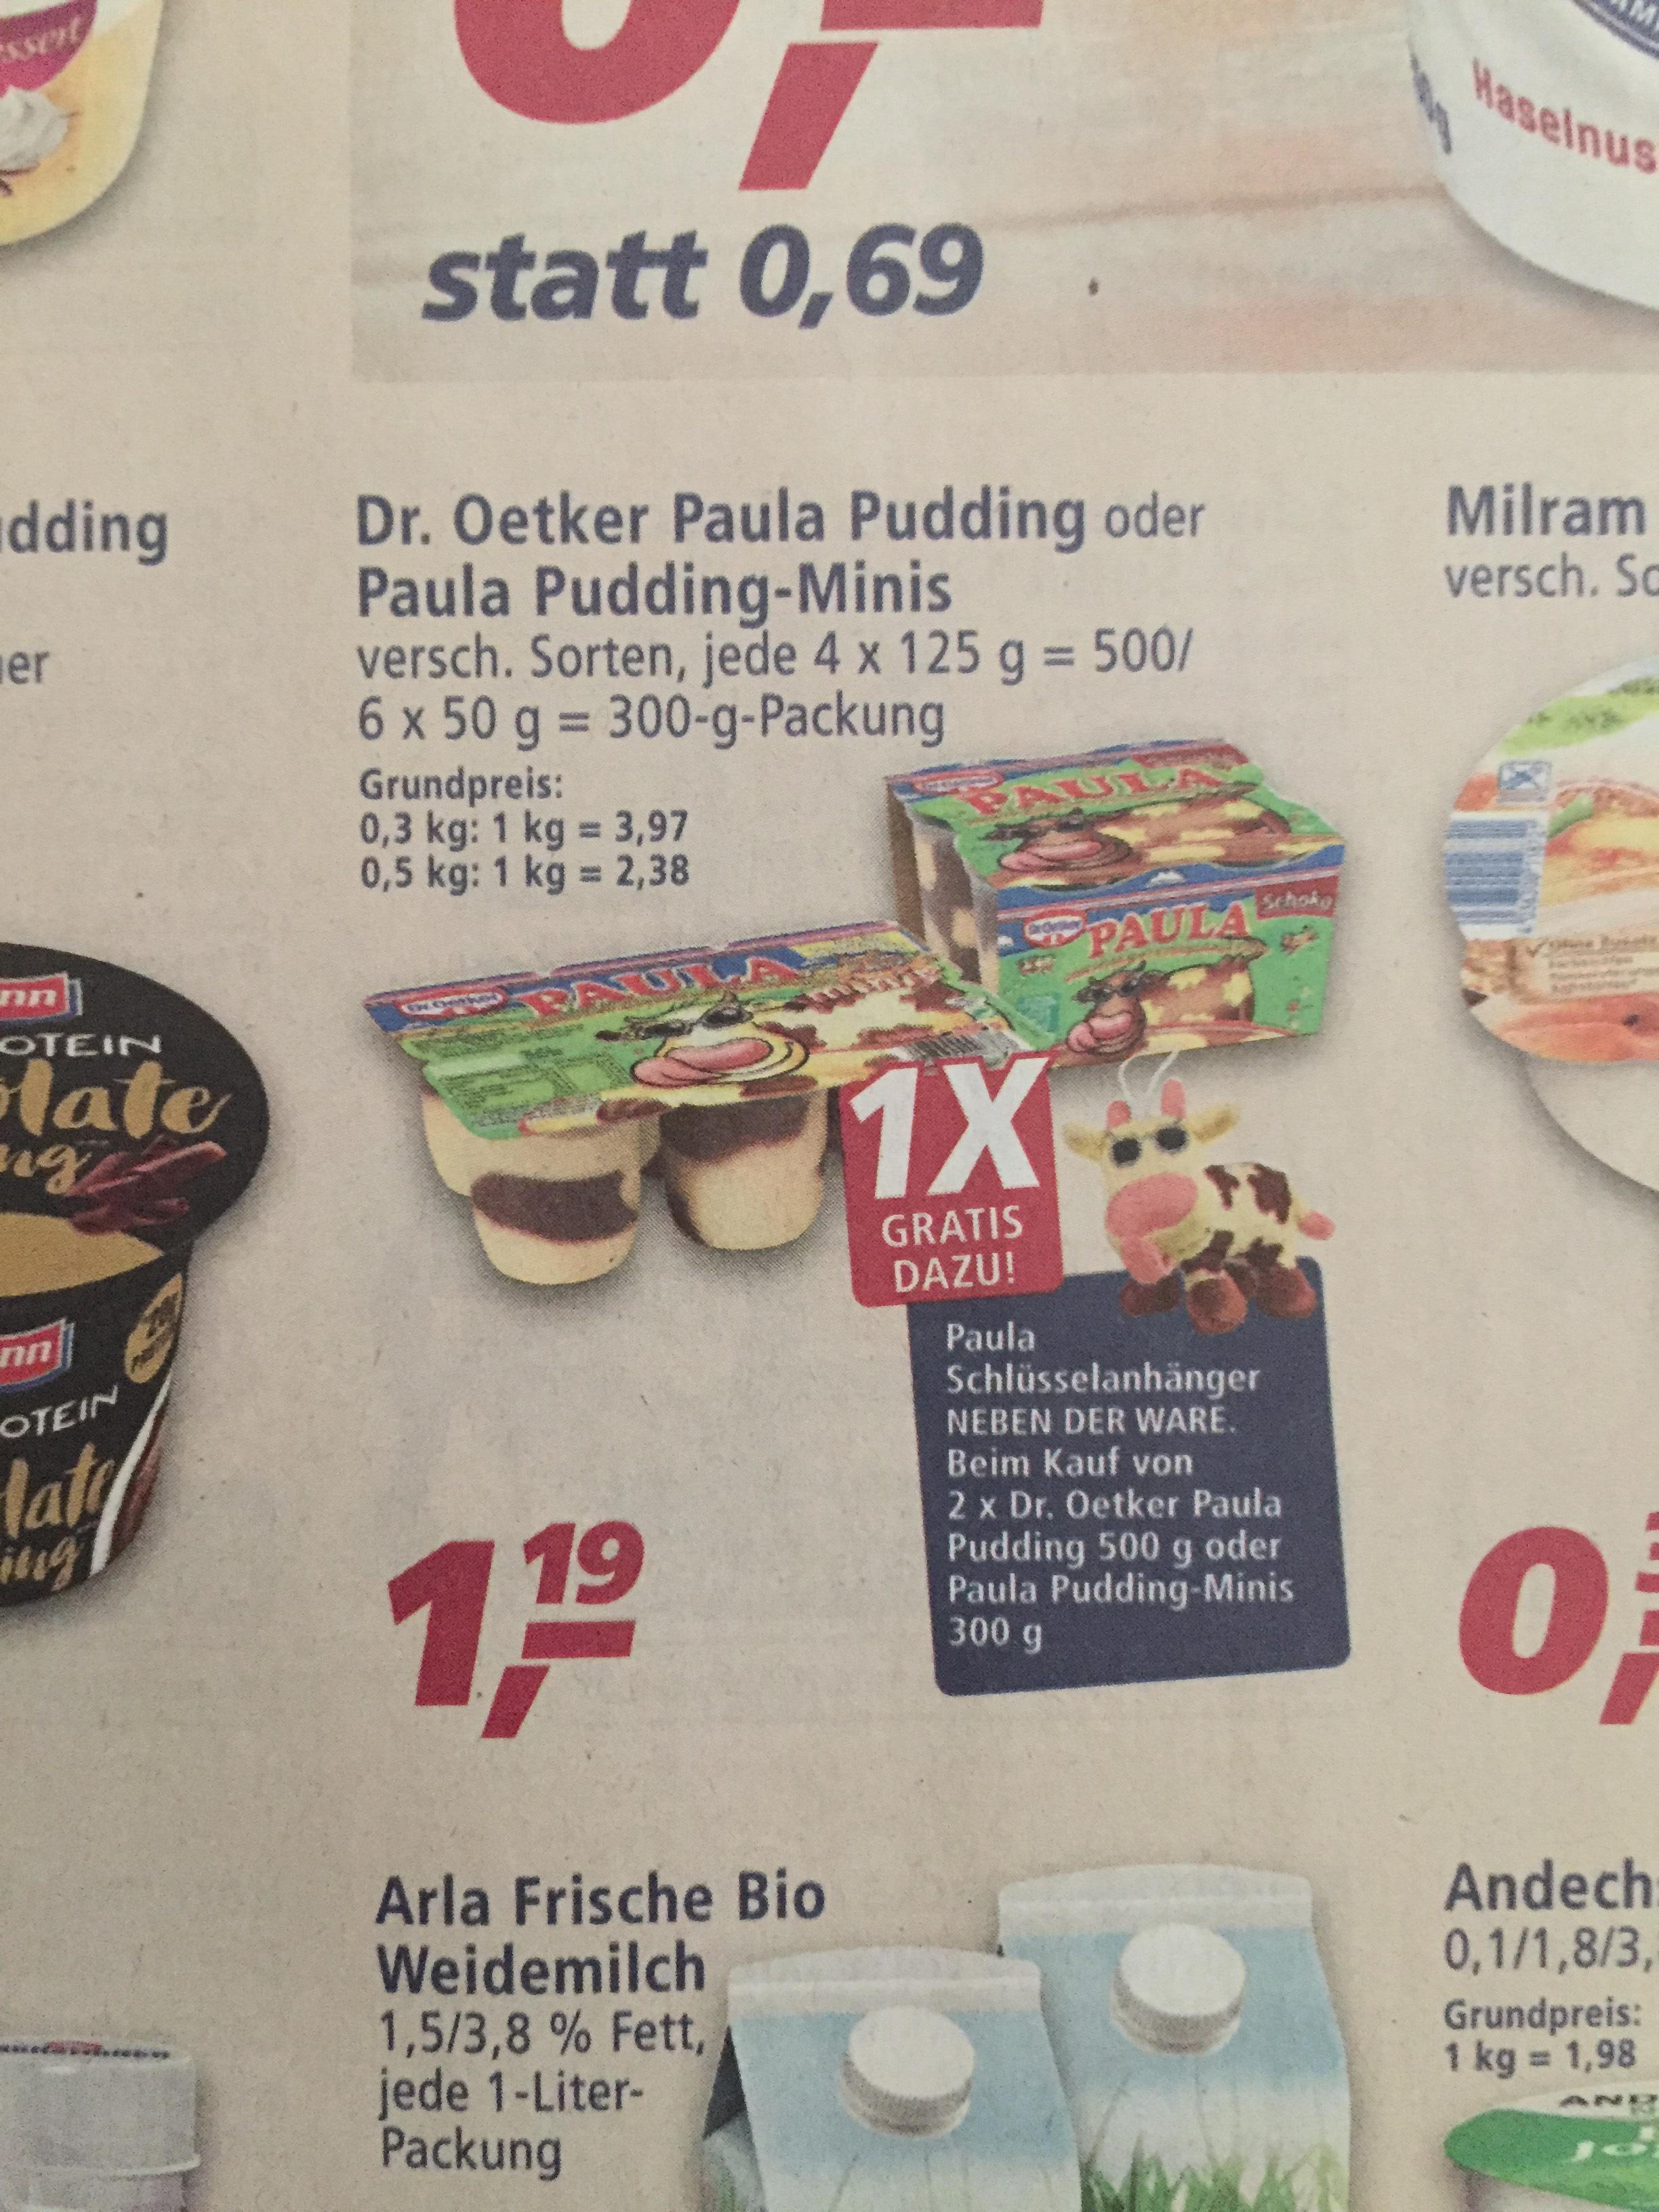 Bei real ist ab Montag Dr. Oetker Paula Pudding im Angebot und bei Coupies gibts 0,40€ Cashback und 0,40€ Coupon von Couponplatz